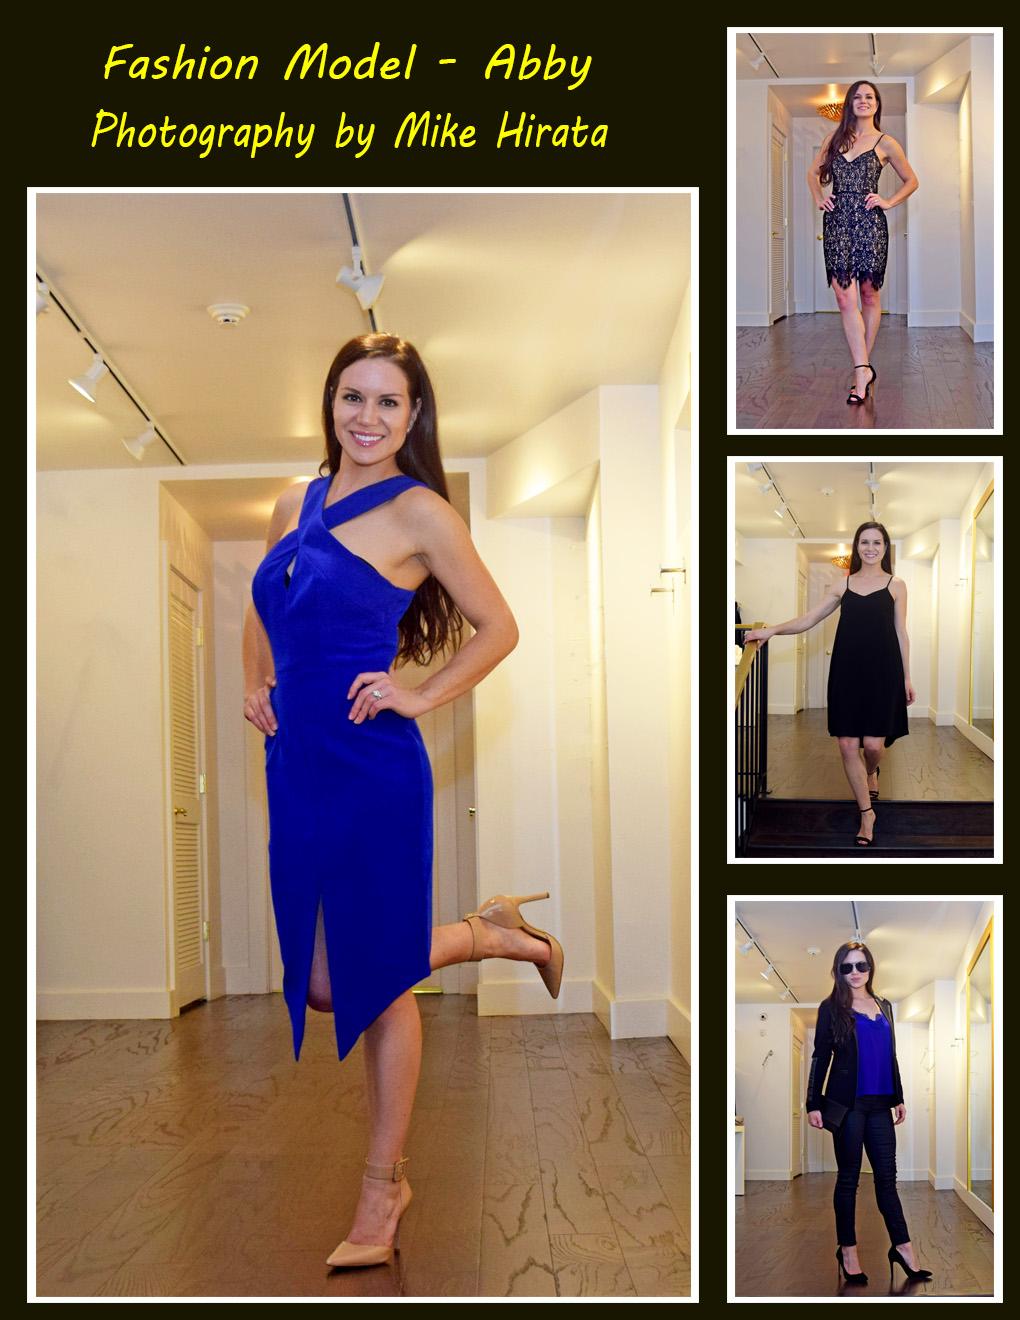 Fashion Model - Abby